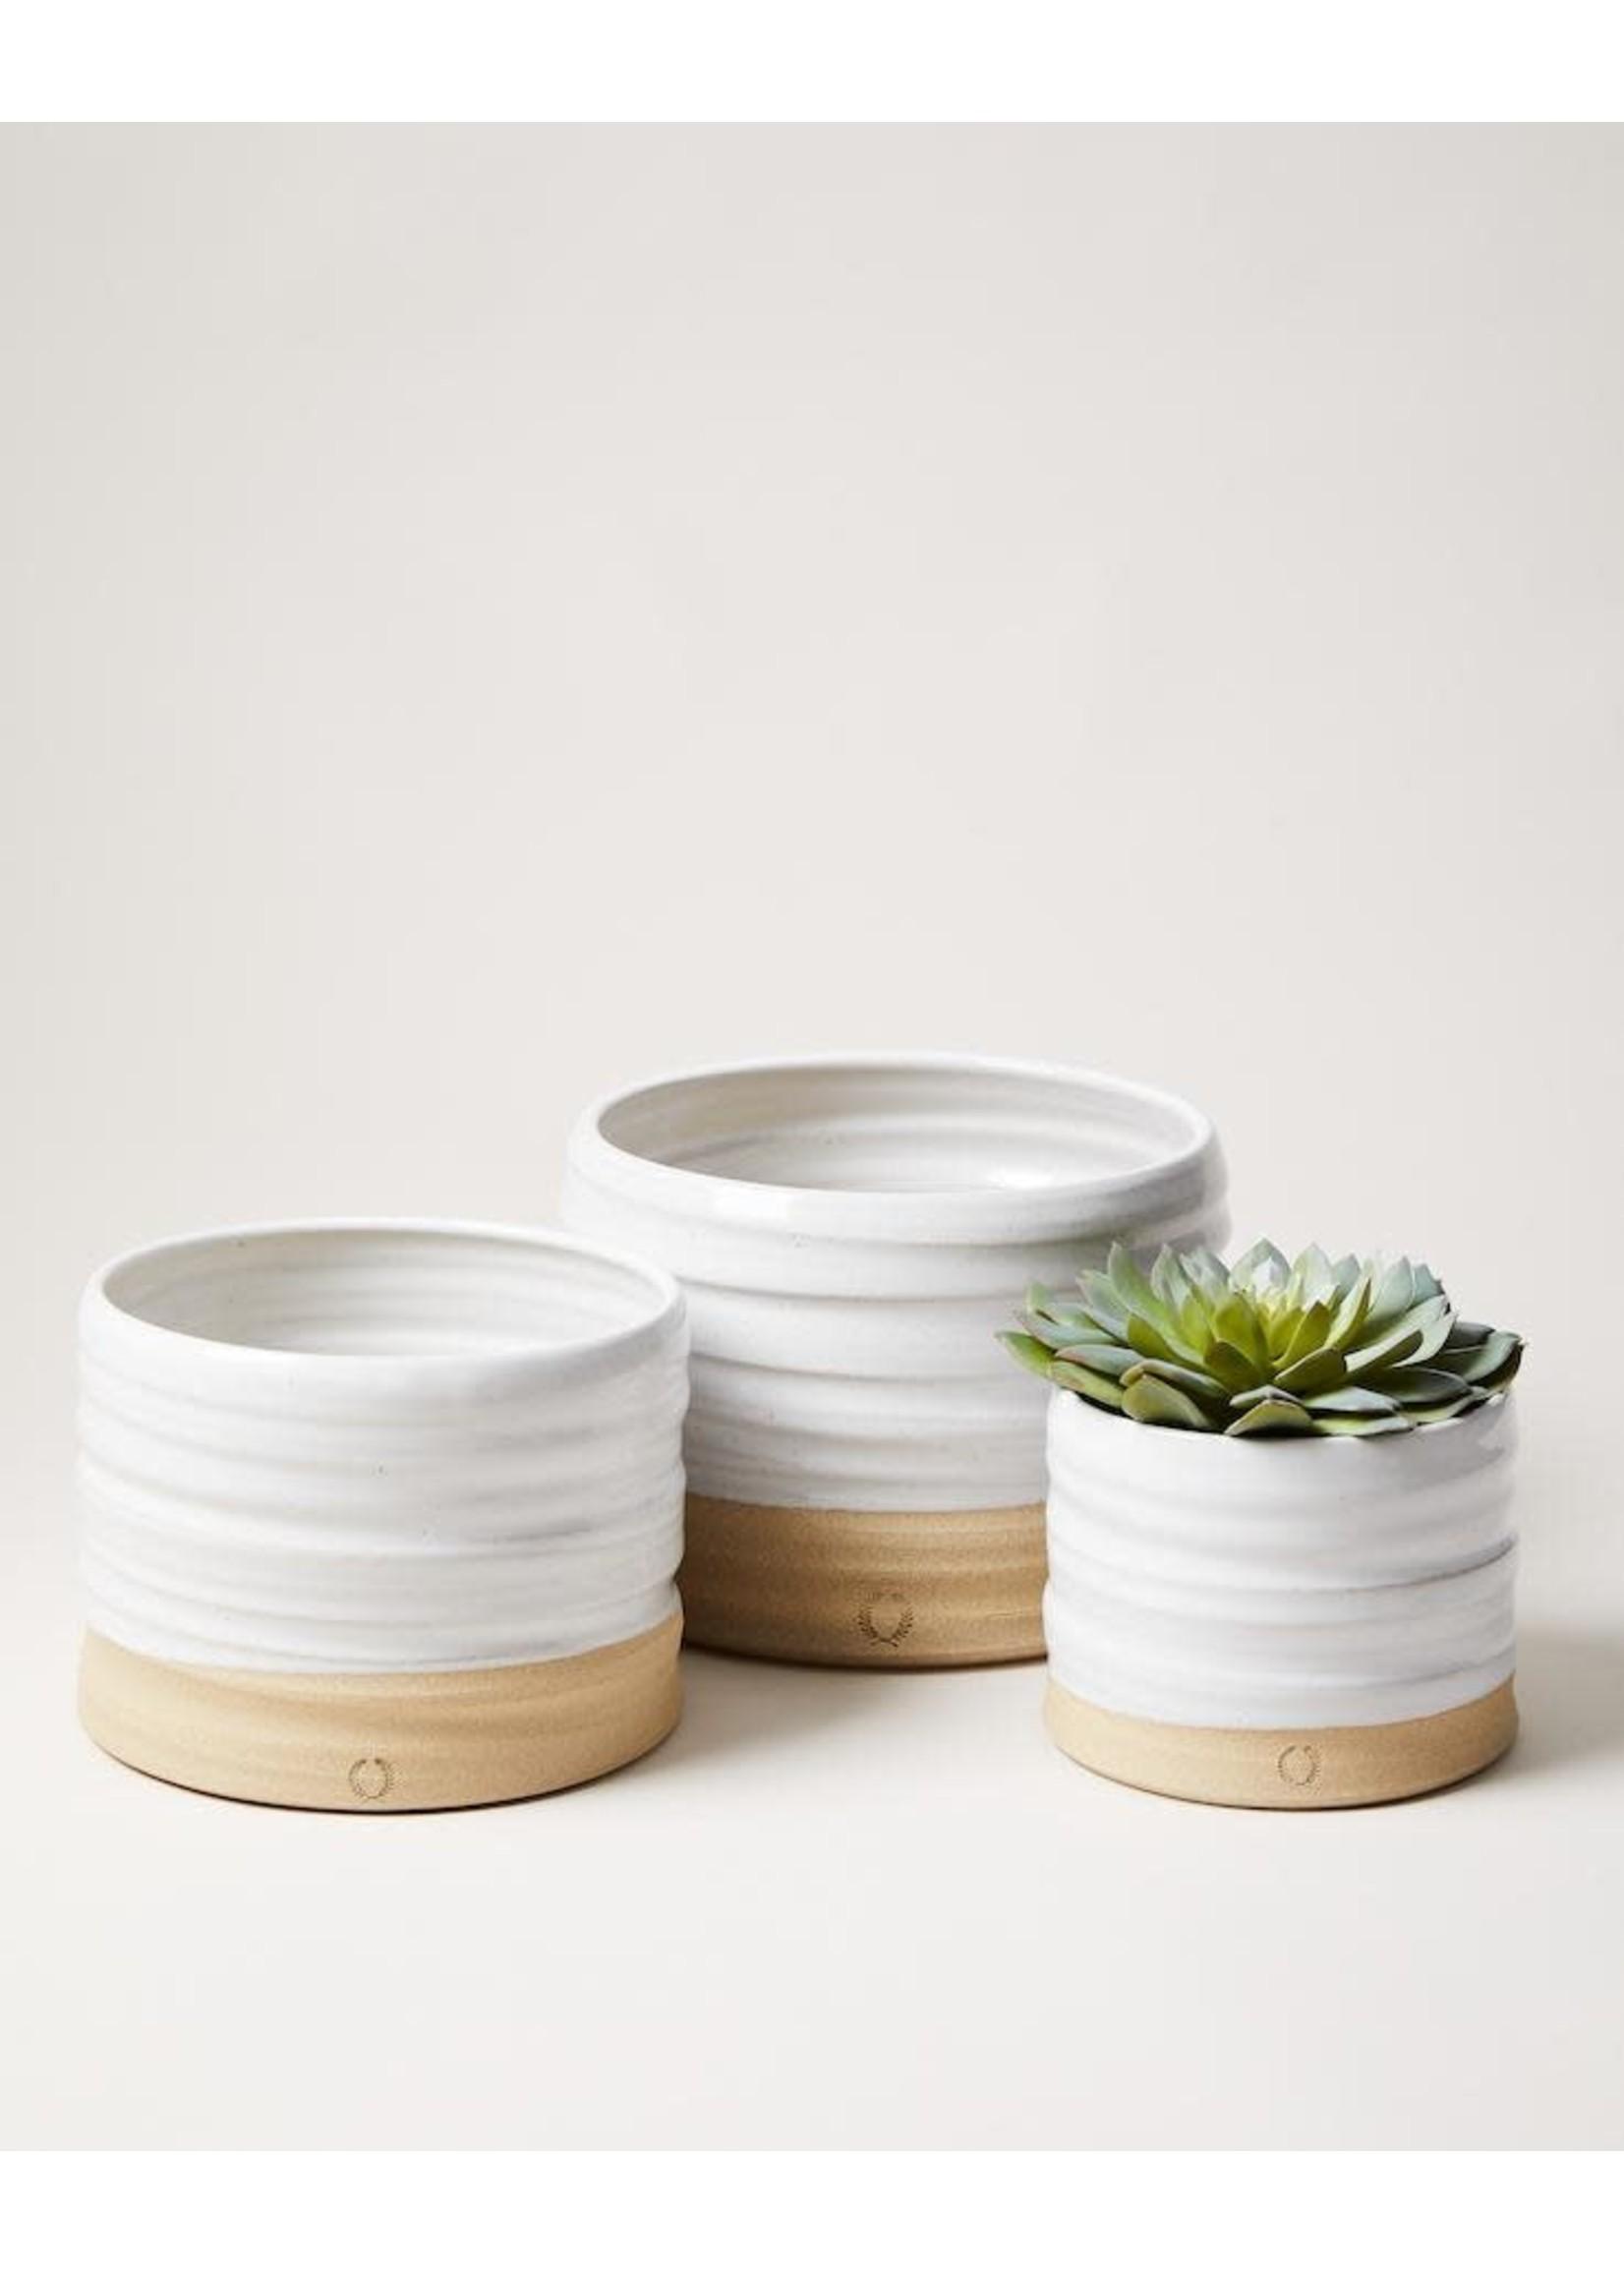 Farmhouse Pottery Trunk Garden Pot - Small